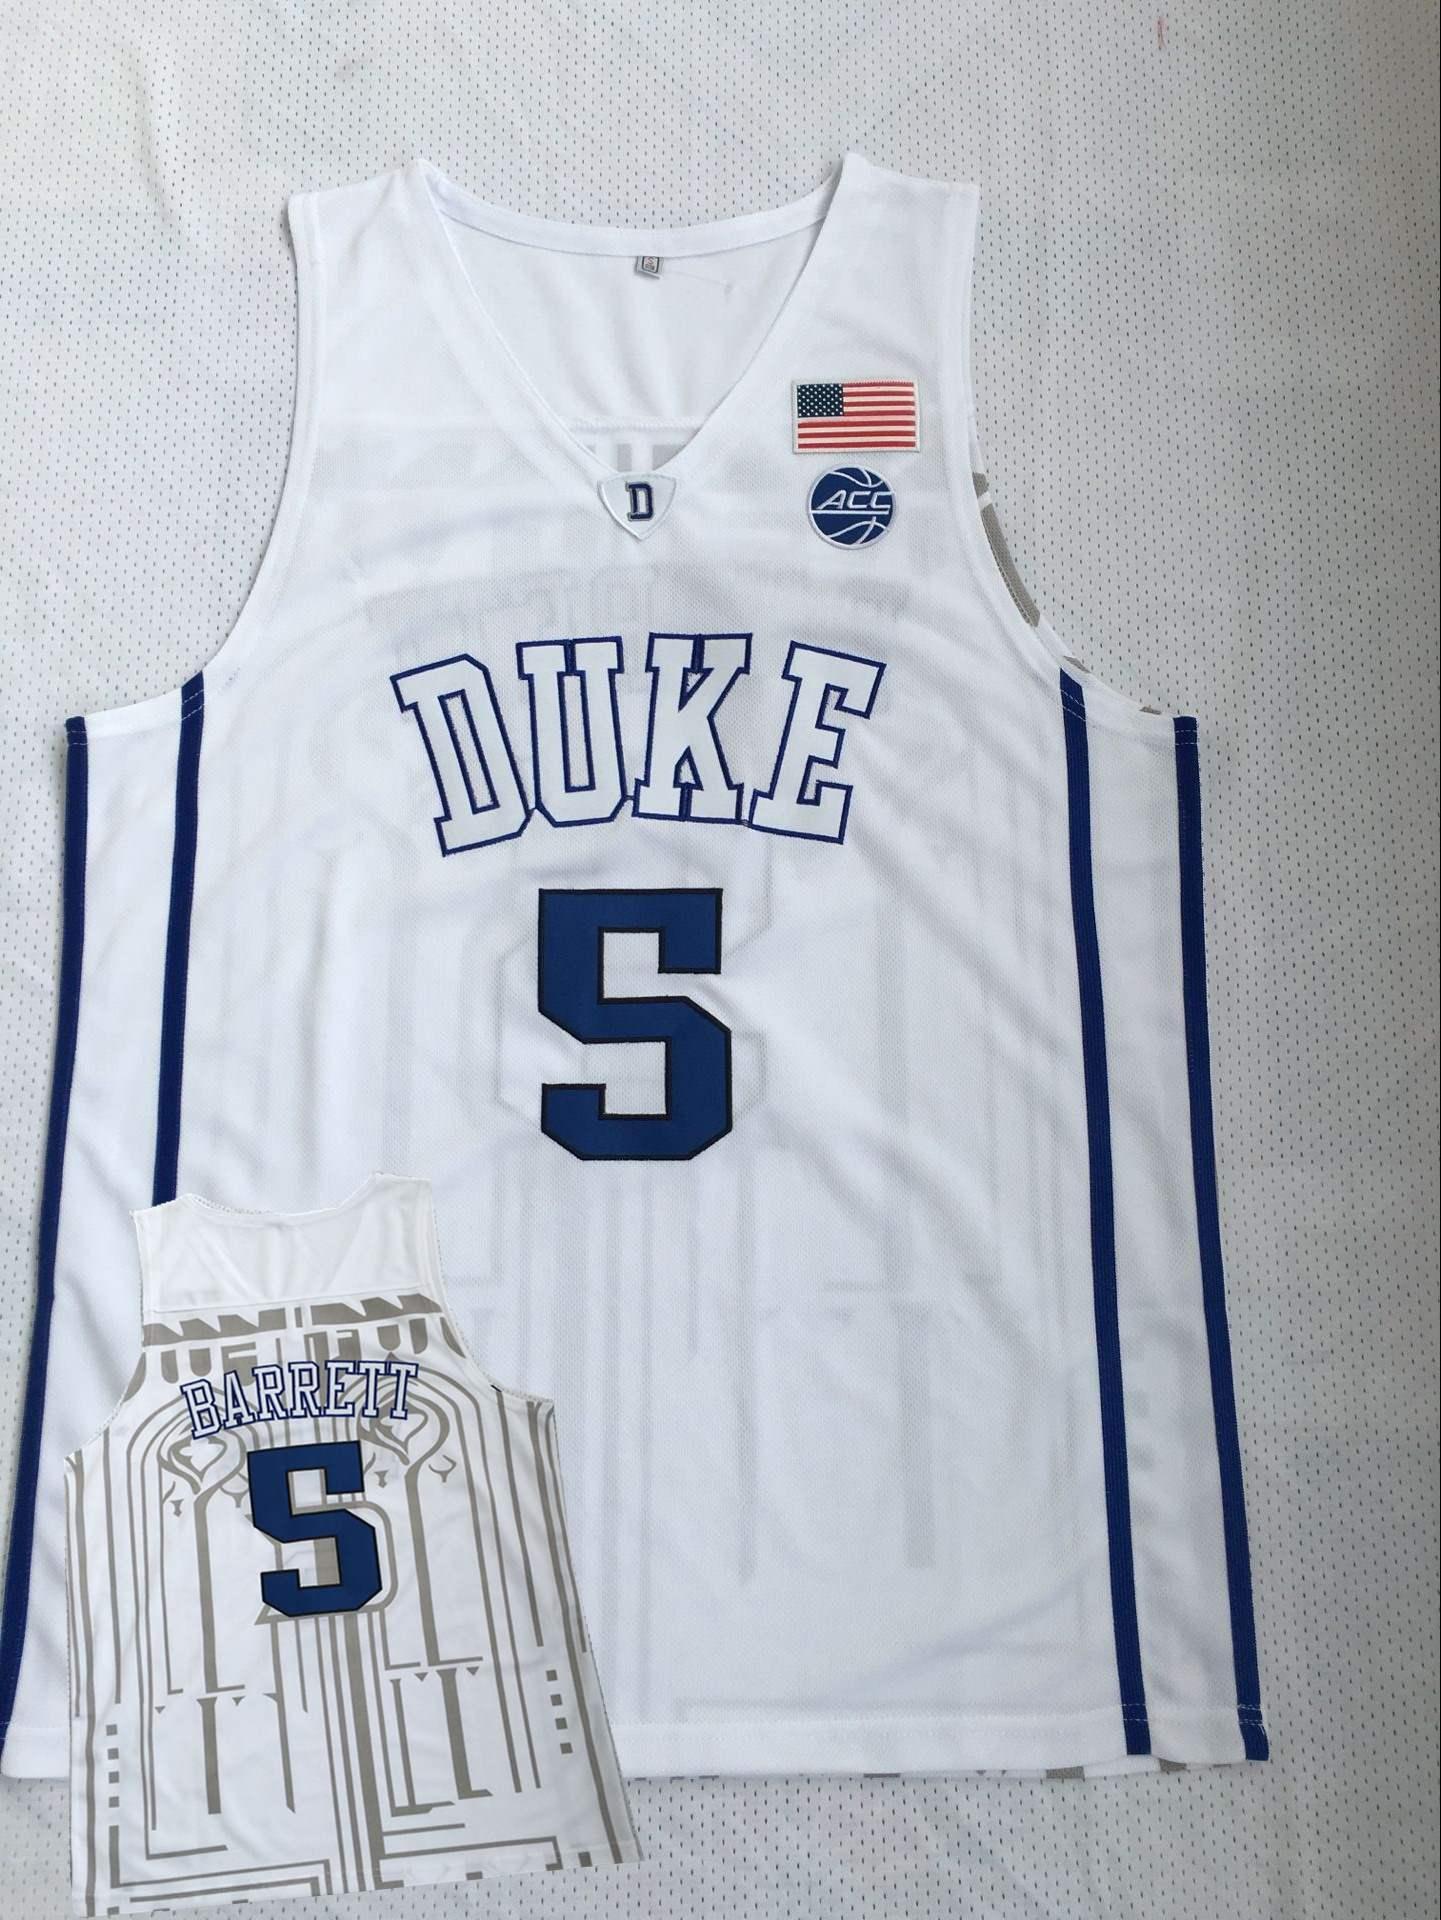 Duke Blue Devils 5 R.J. Barrett White College Basketball Jersey